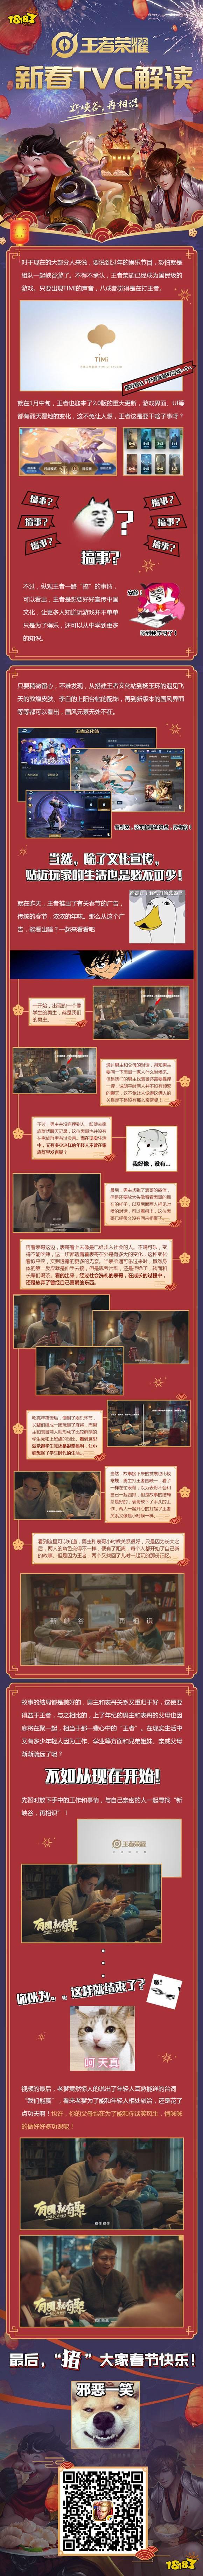 王者荣耀春节版本